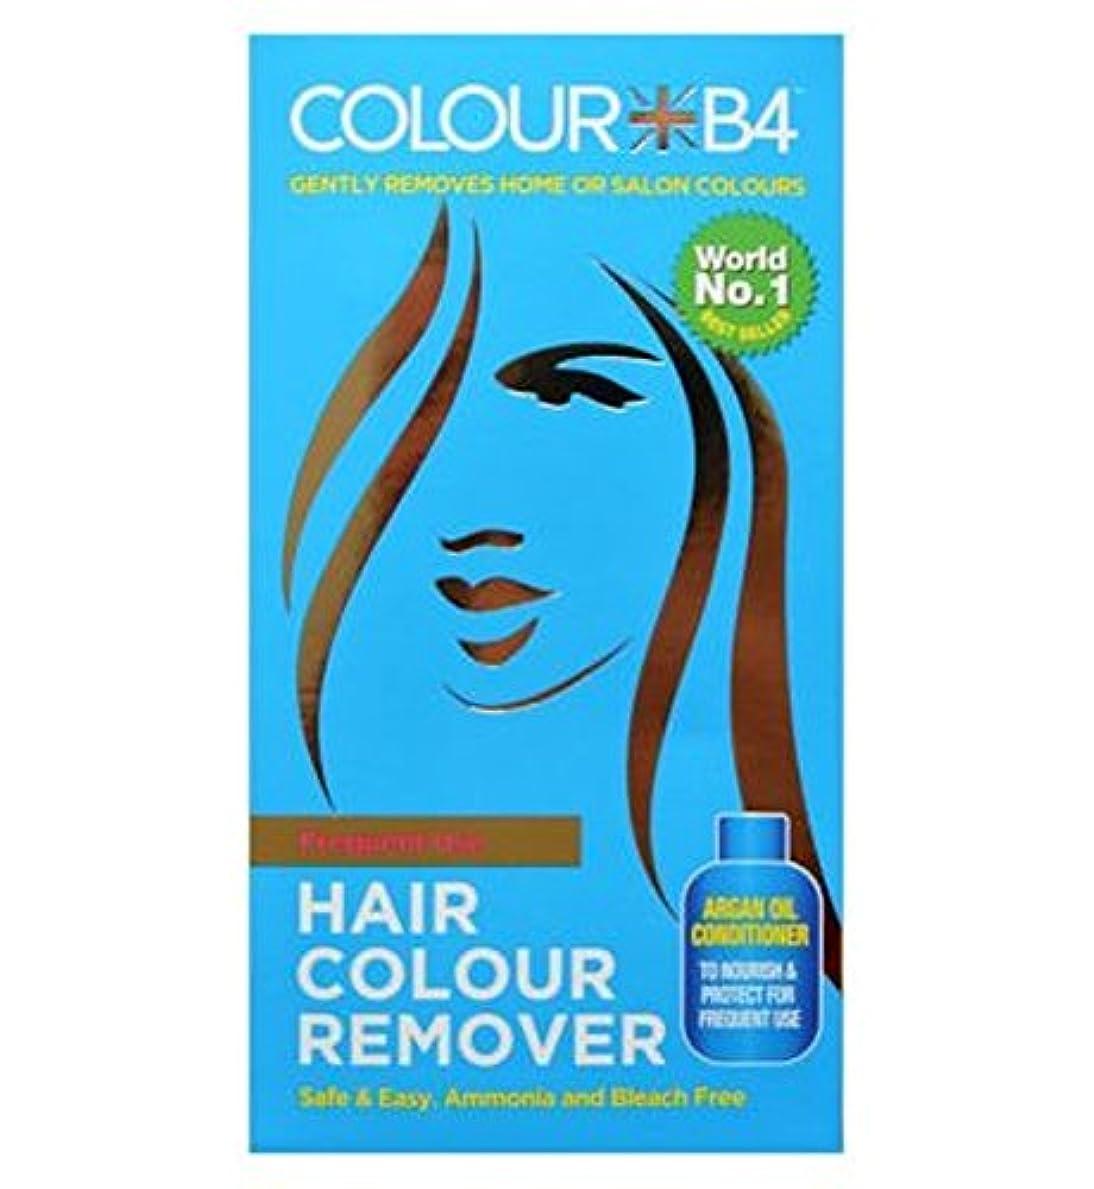 花婿すみません不健康Colour B4 Hair Colour Remover Includes Conditioner for Frequent Use - カラーB4ヘアカラーリムーバーは、頻繁に使用するためにコンディショナーを含み (...